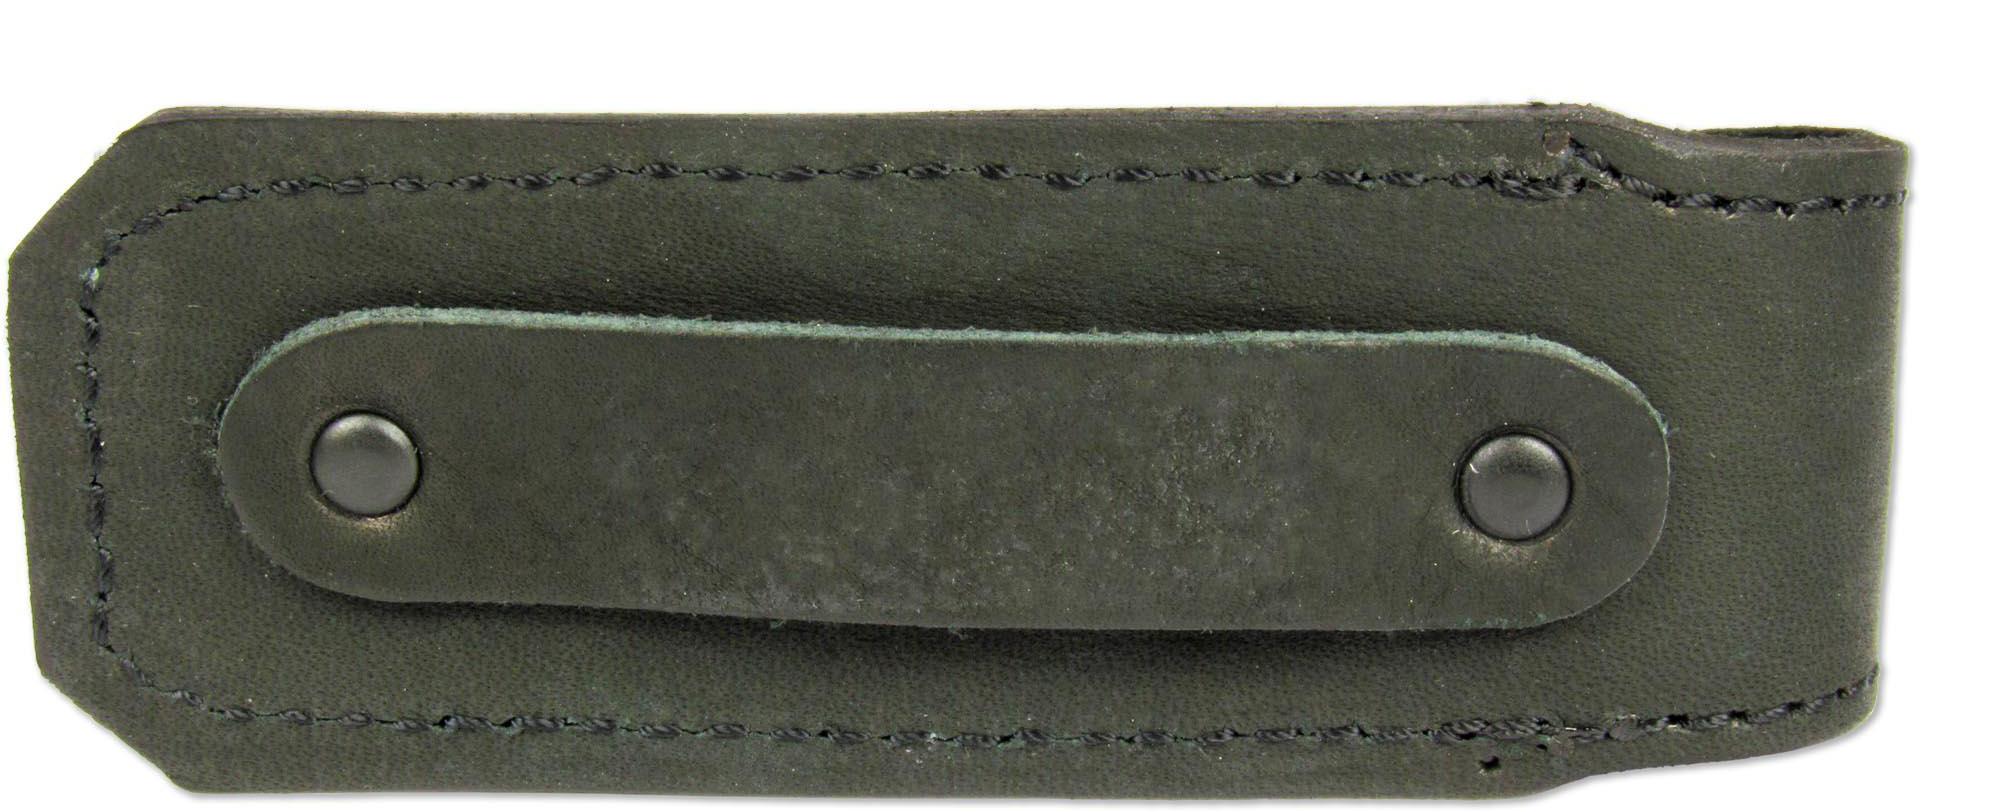 Чехол для складного ножа Ножемир, цвет: черный. Чехол №14(ч)